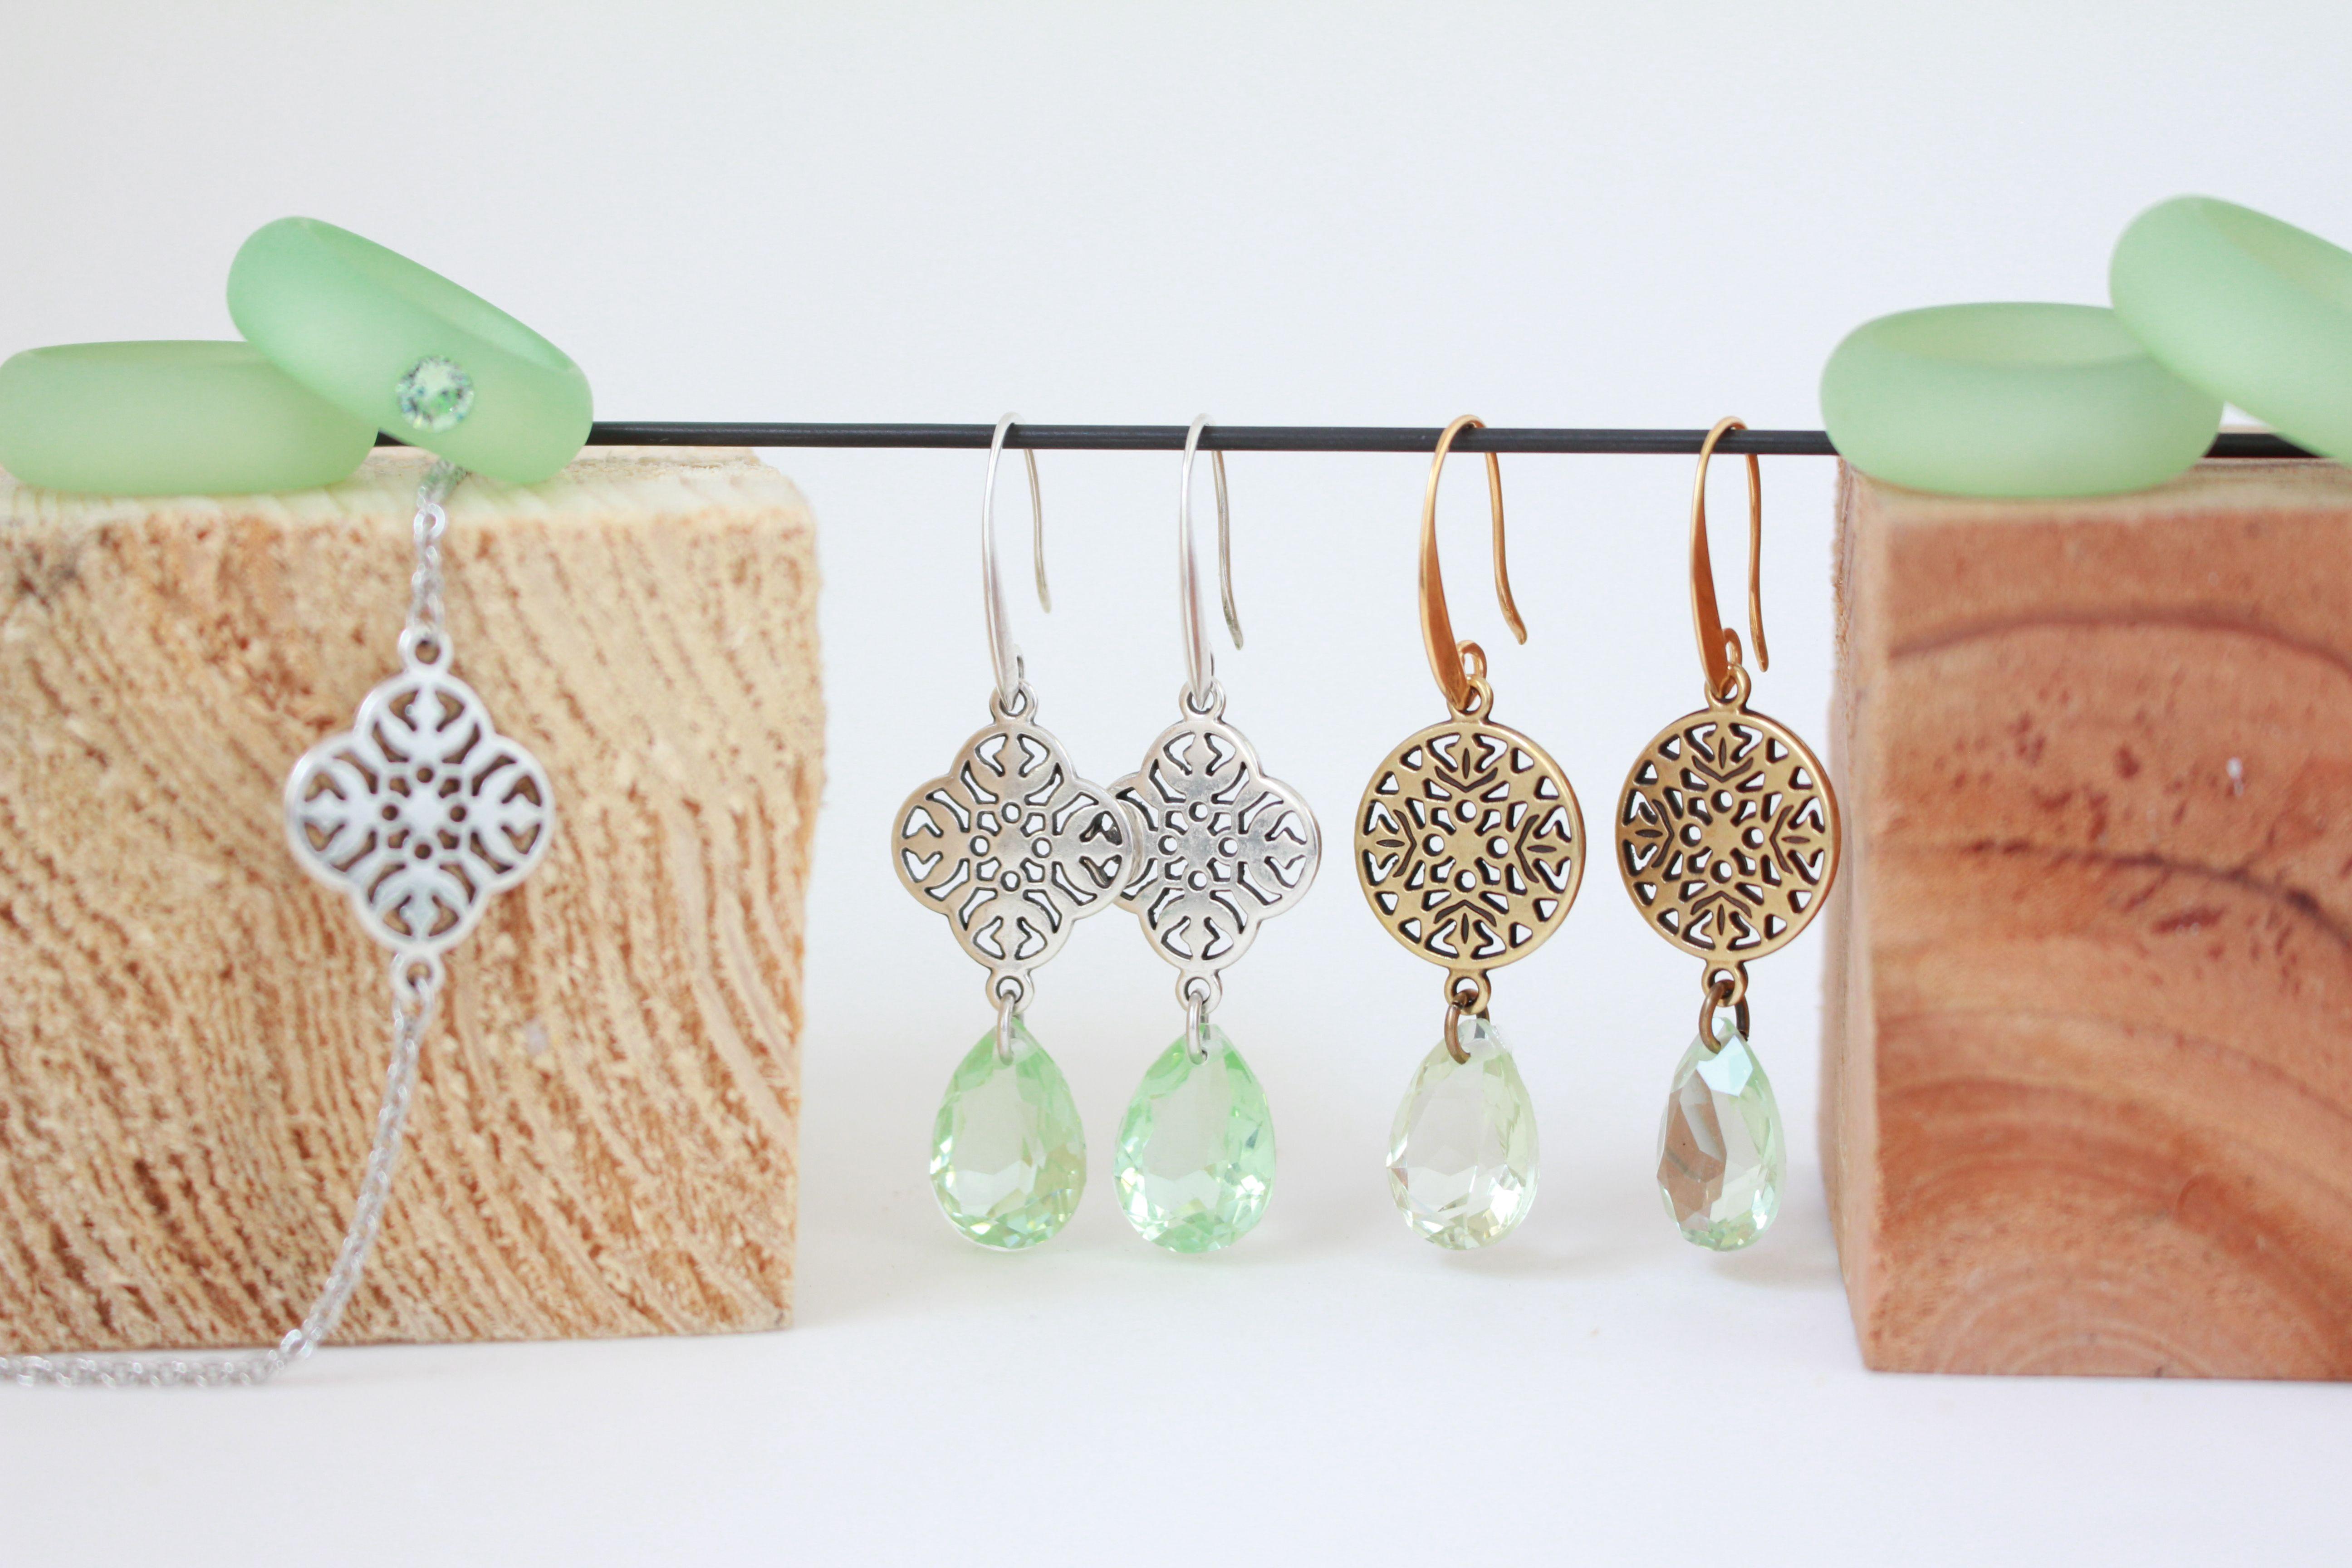 Sommertraum in Chrysalite und Silber / Kupfer  - Ohrhänger mit Armband und Polaris-Ringe